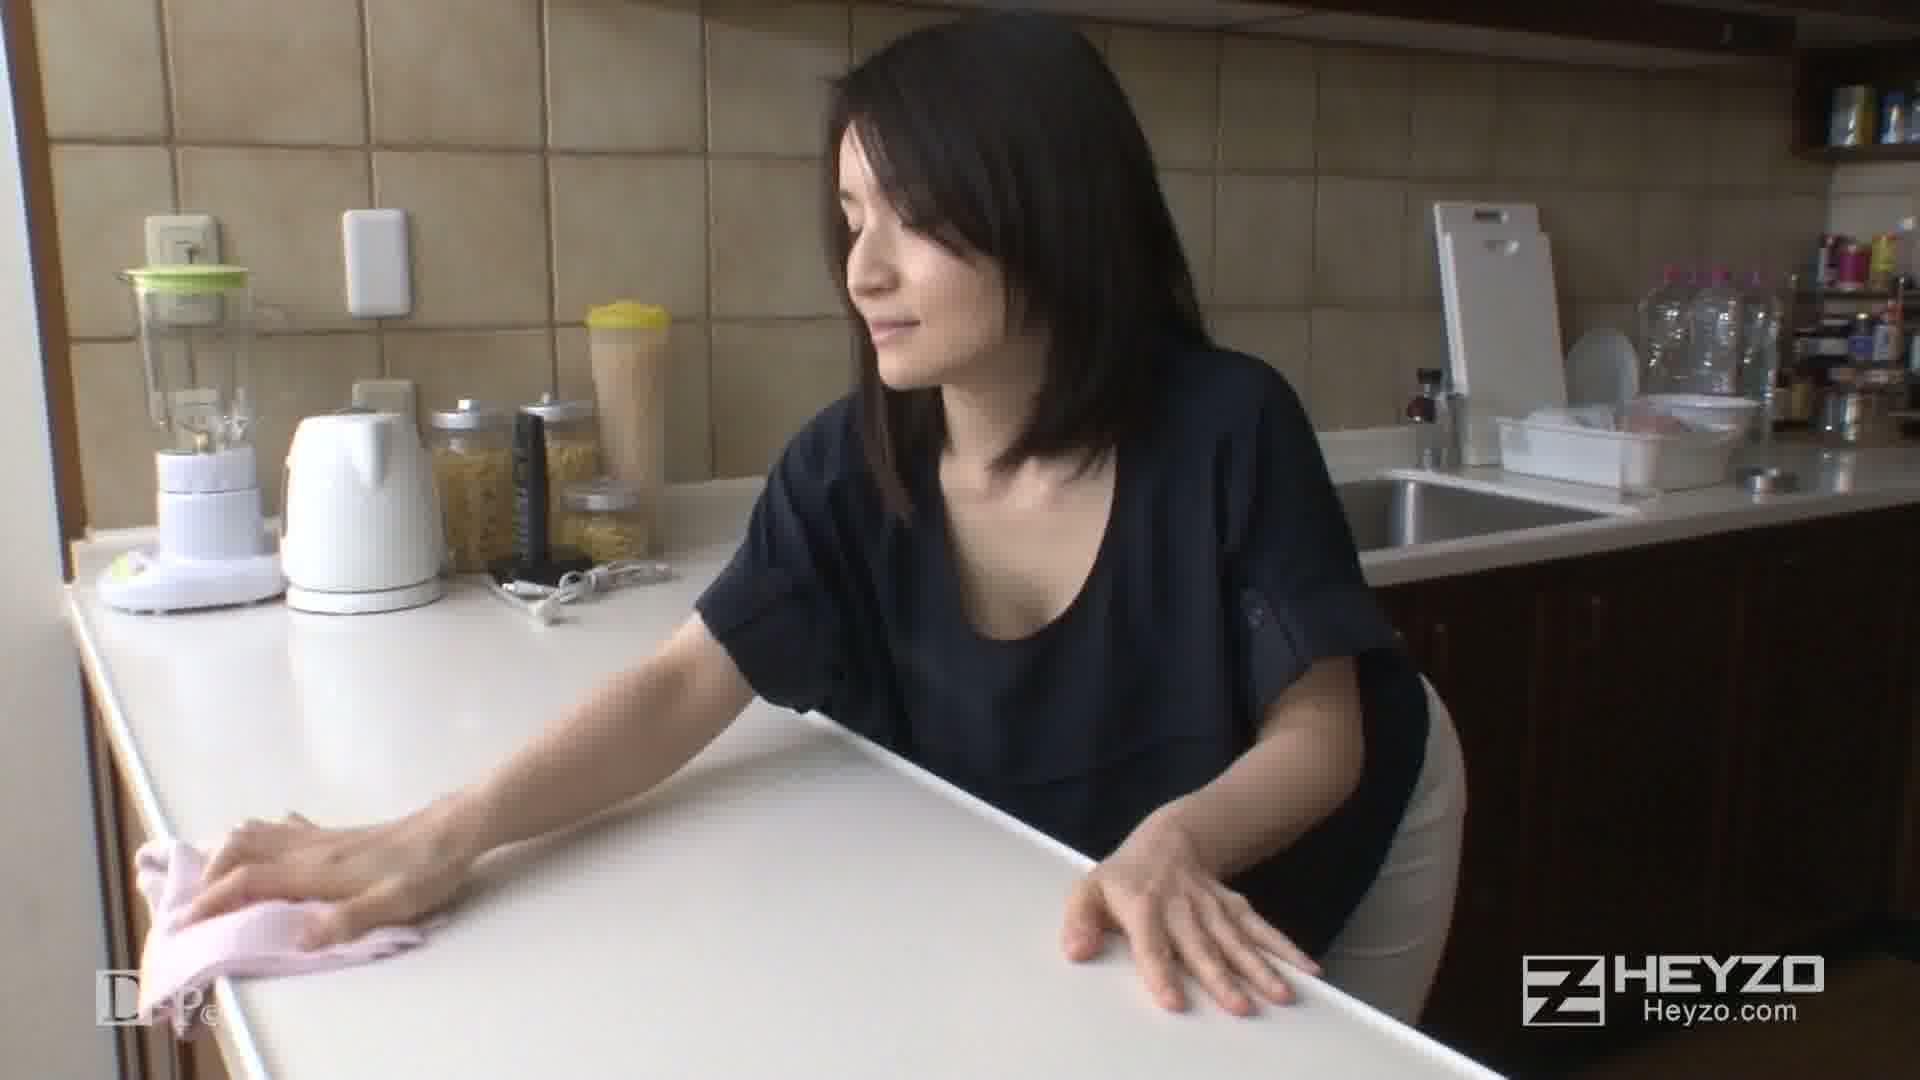 大変身!!熟的 美フォー・アフター~プライベート撮影会編~ - 大石真理子【雑談 撮影 脱衣】